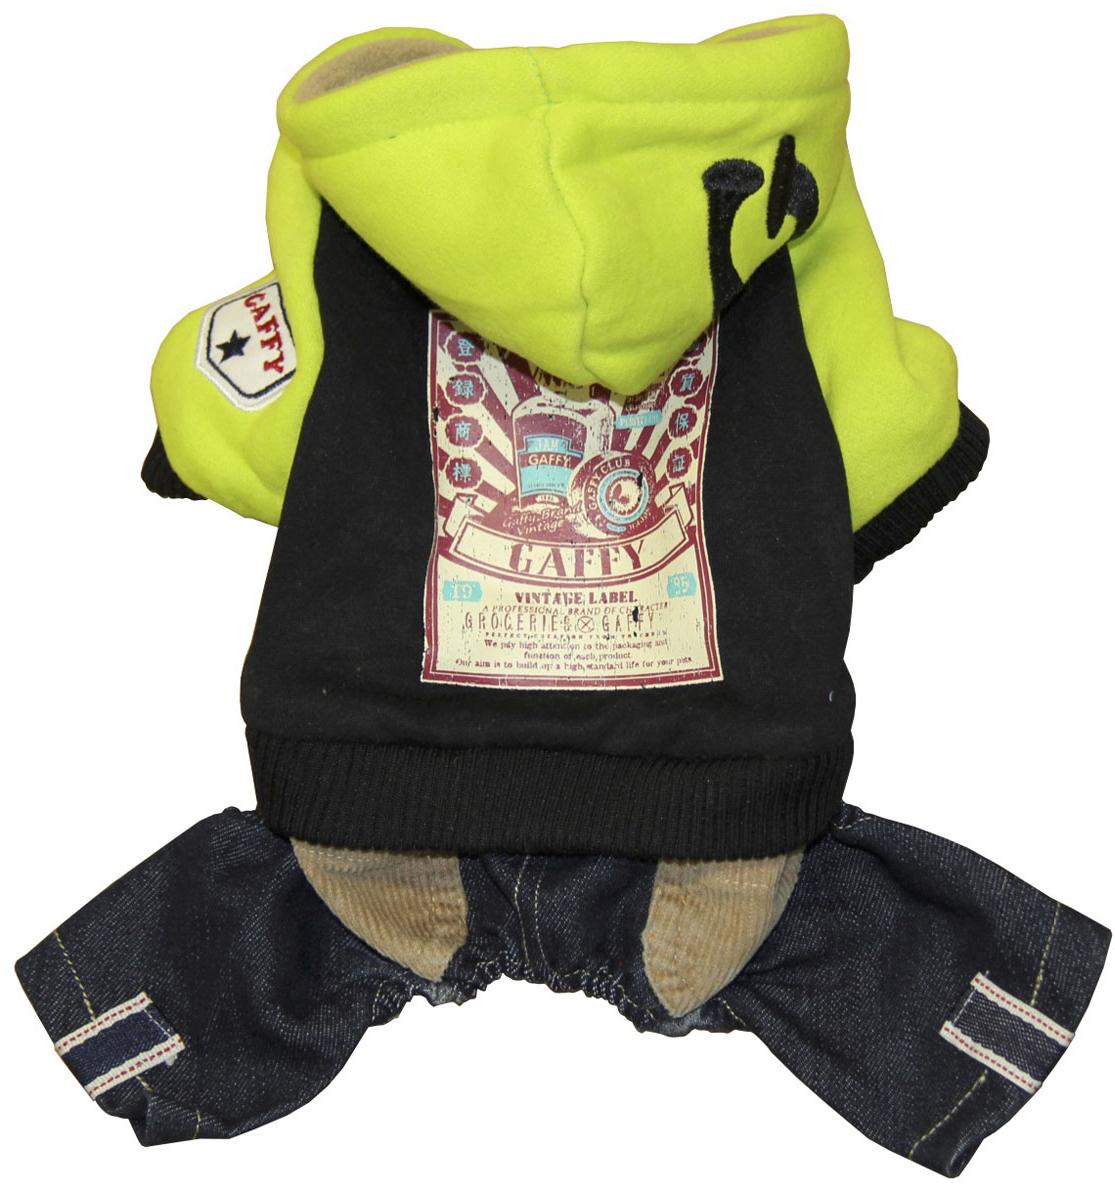 Костюм для собак Gaffy Pet Vintage Store, унисекс, цвет: салатовый, черный. Размер S костюм для собак gaffy pet baseball унисекс цвет оранжевый синий размер s